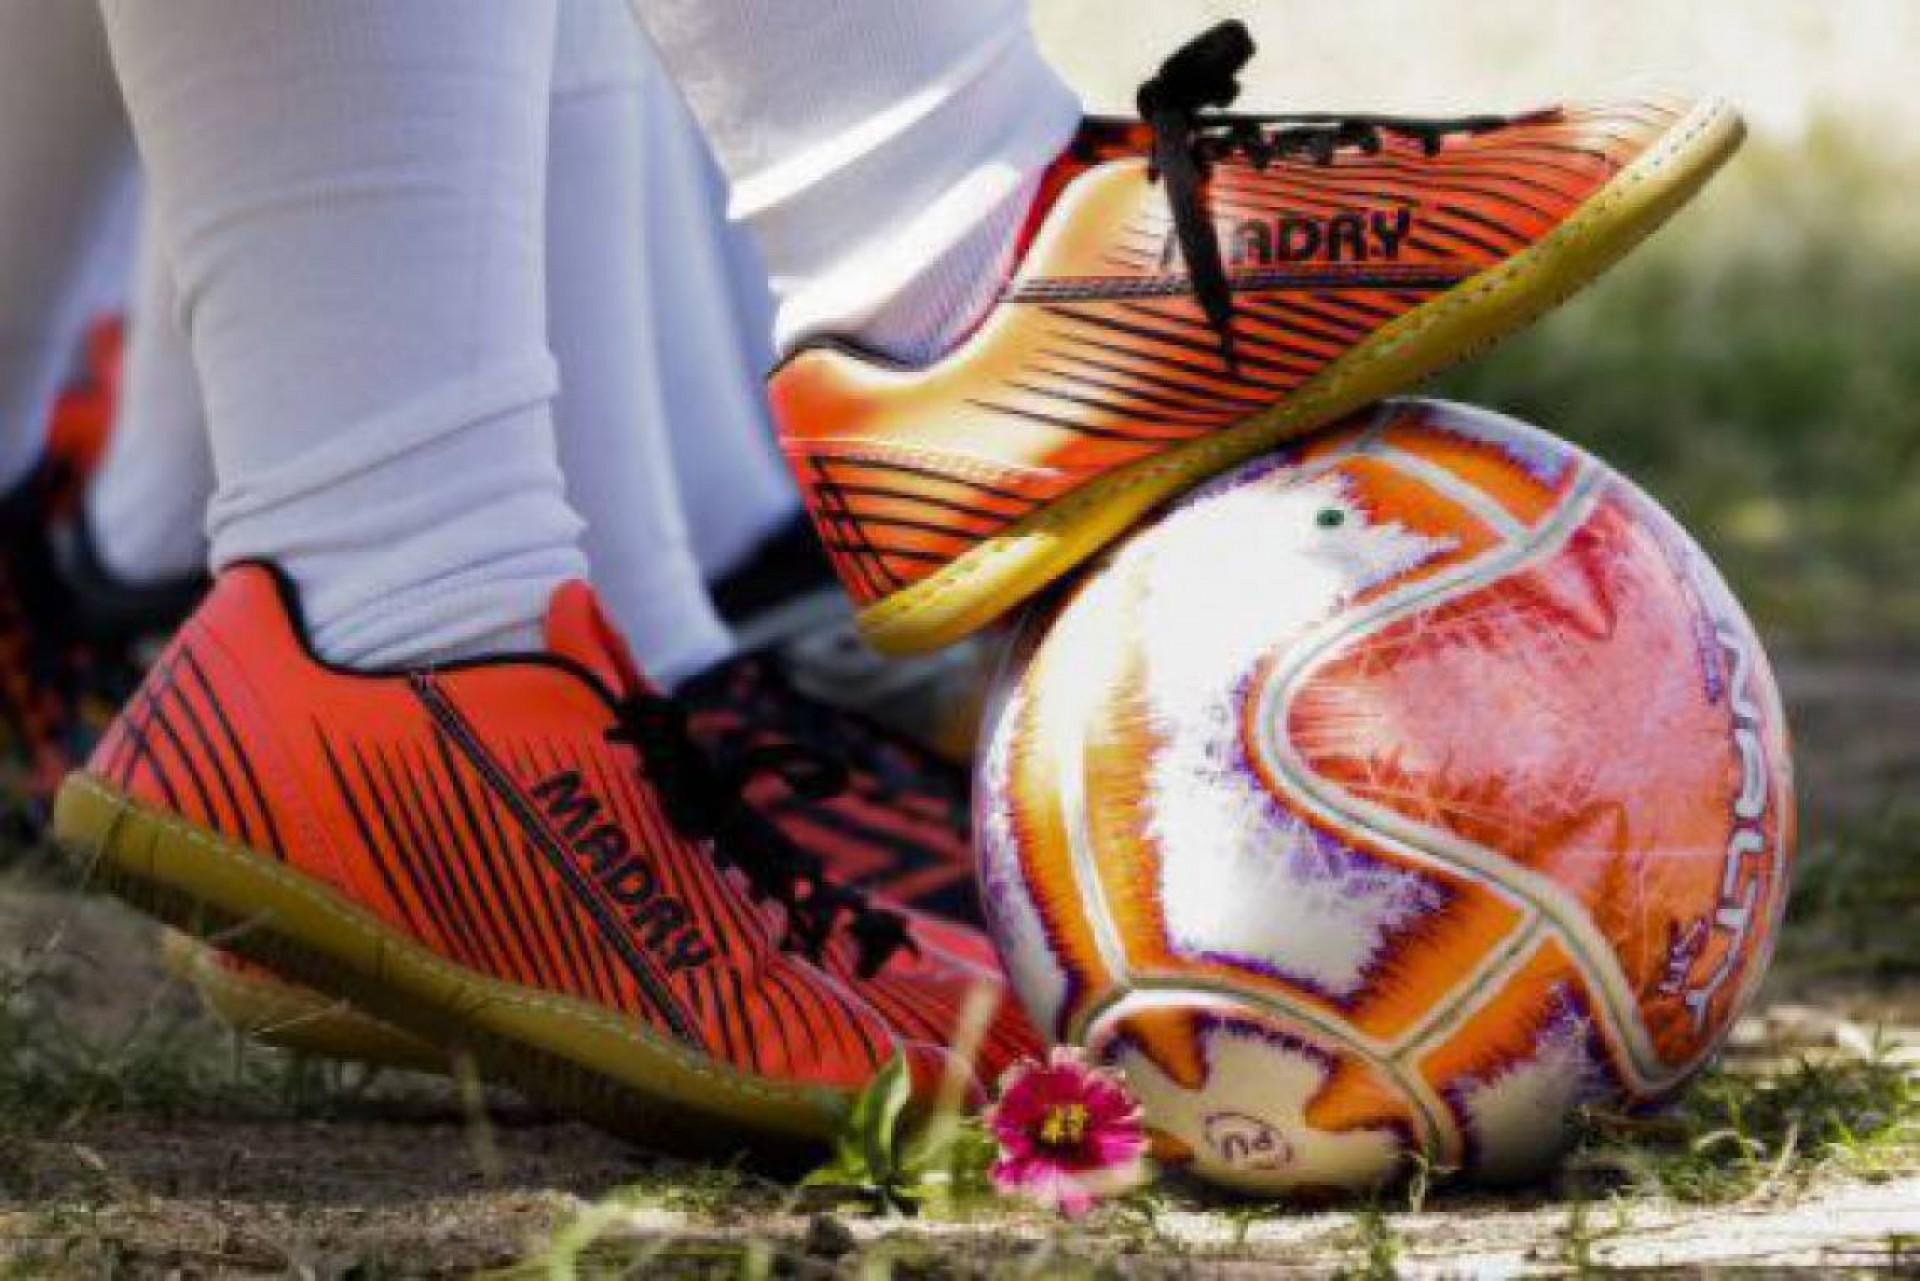 Confira os jogos de futebol na TV hoje, domingo, 27 de setembro (27/09)